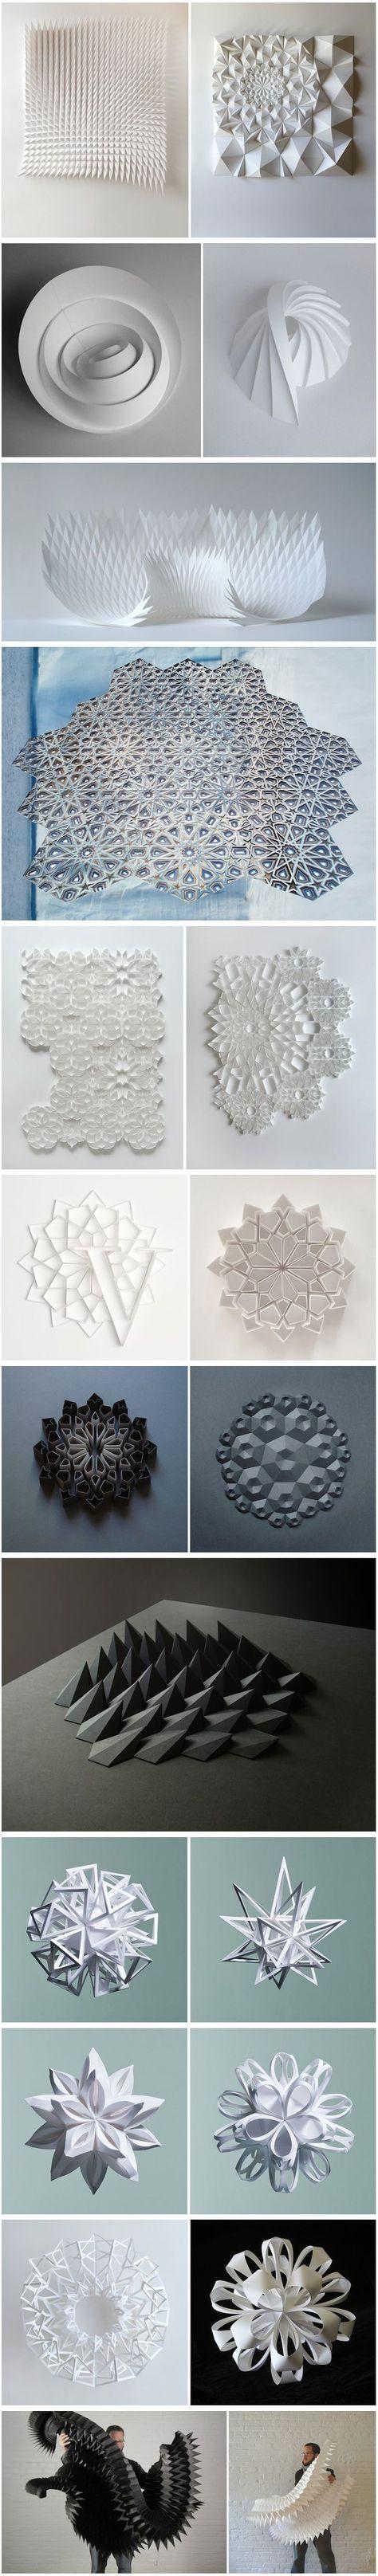 Geometric Paper Sculptures by Matt Shlian